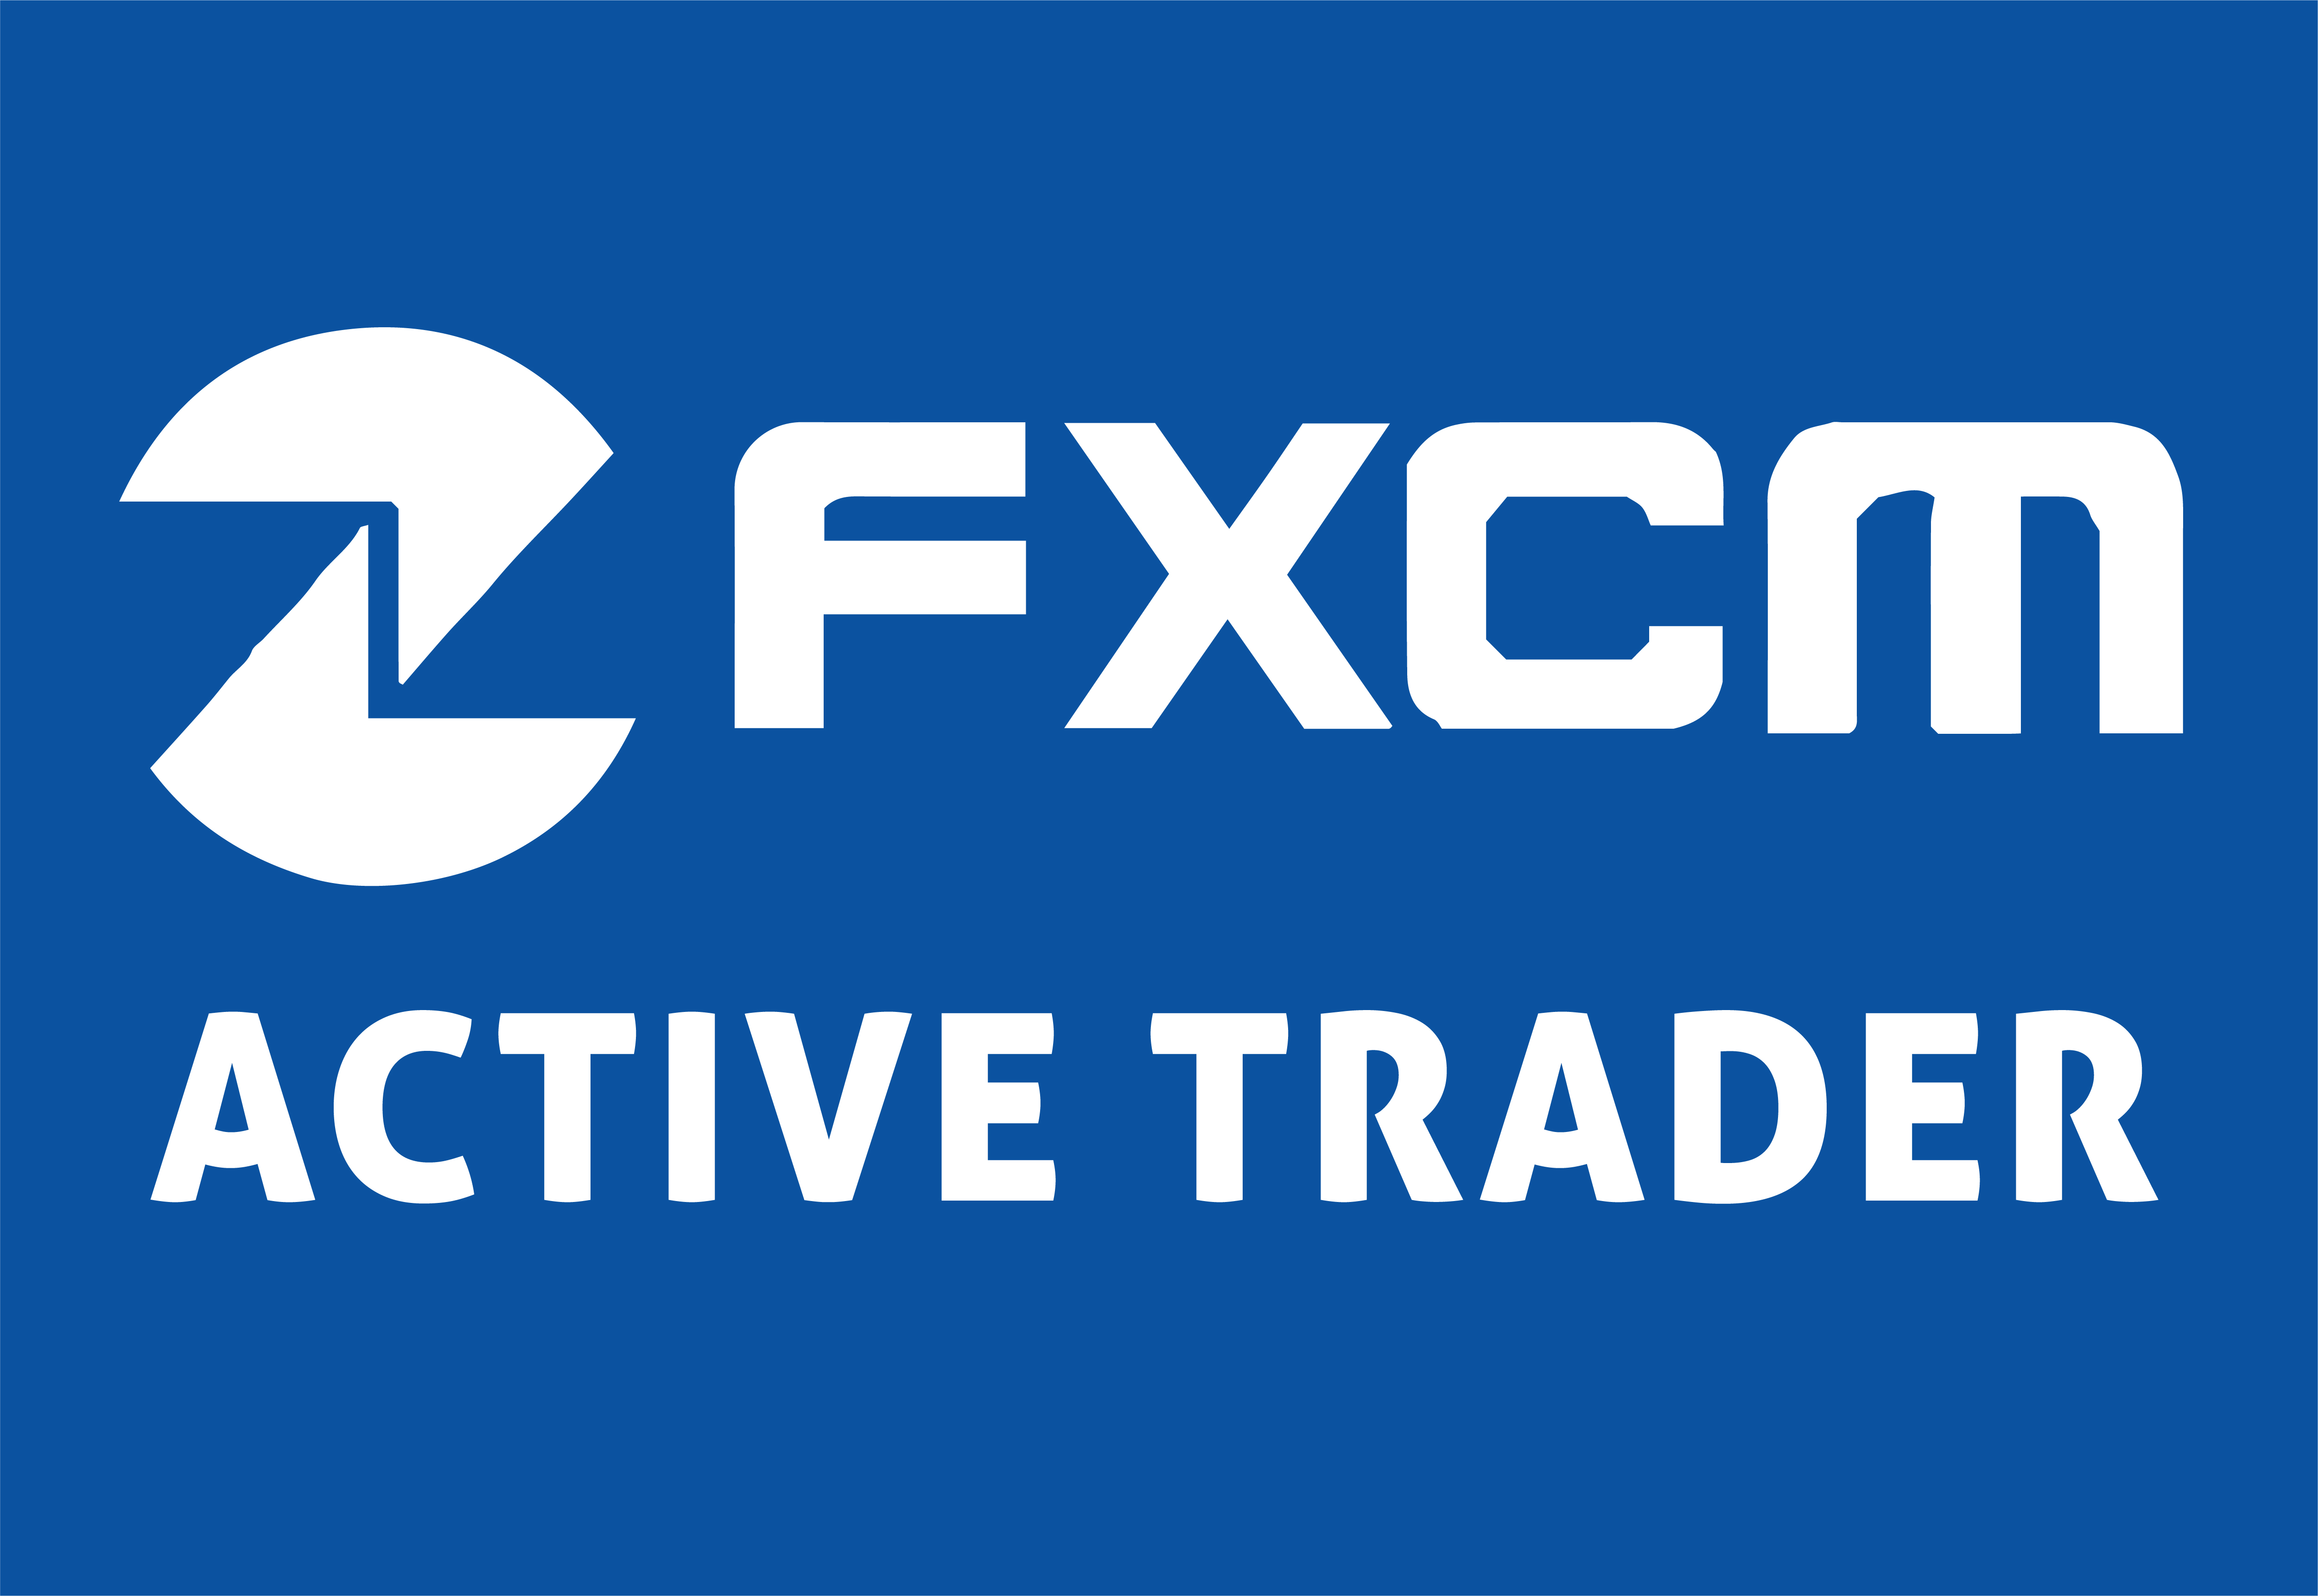 active trader fxcm logo